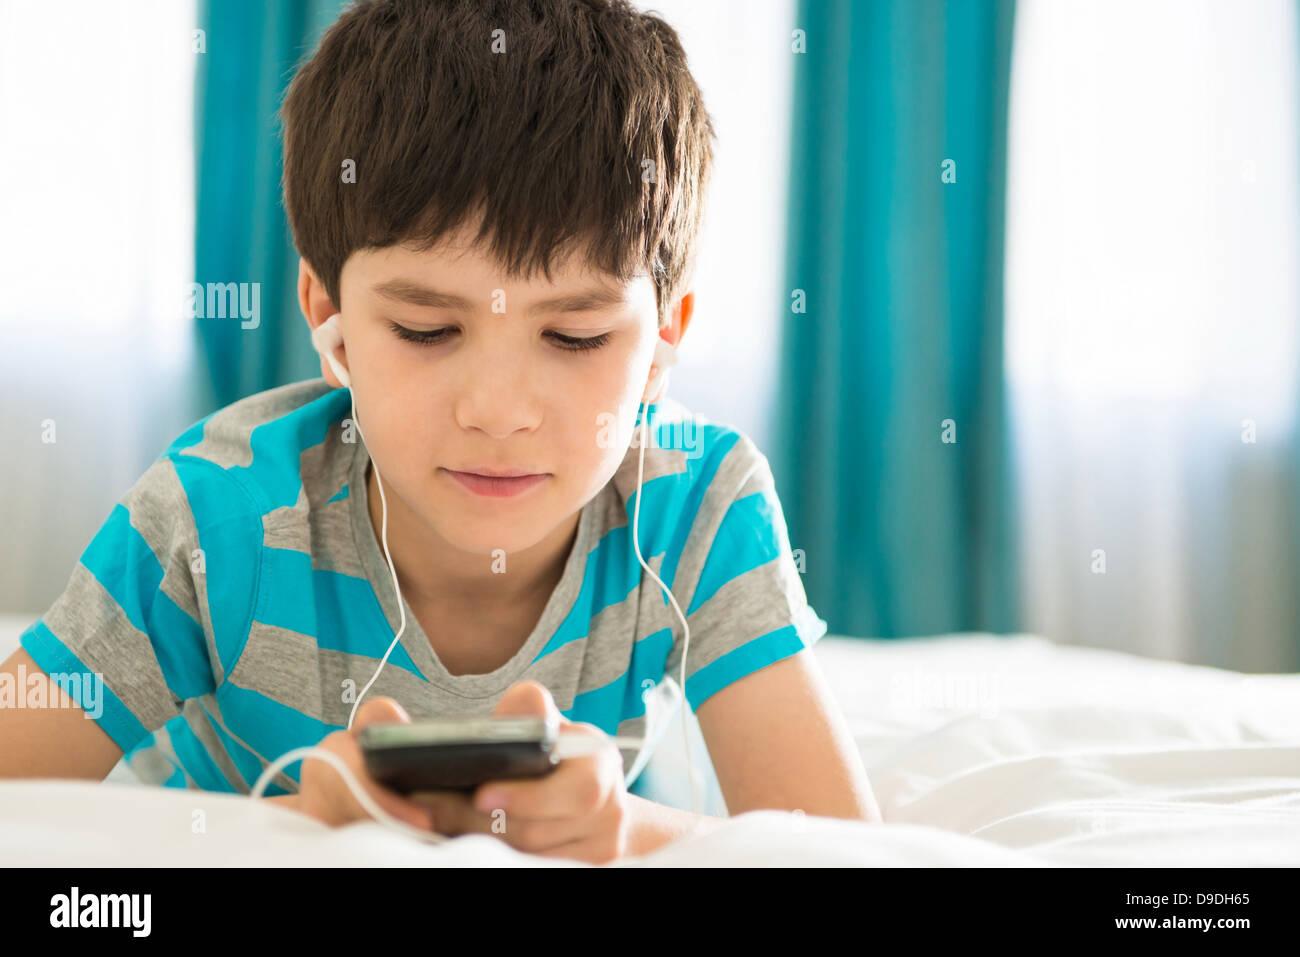 Junge, anhören von MP3-Player auf Bett Stockbild